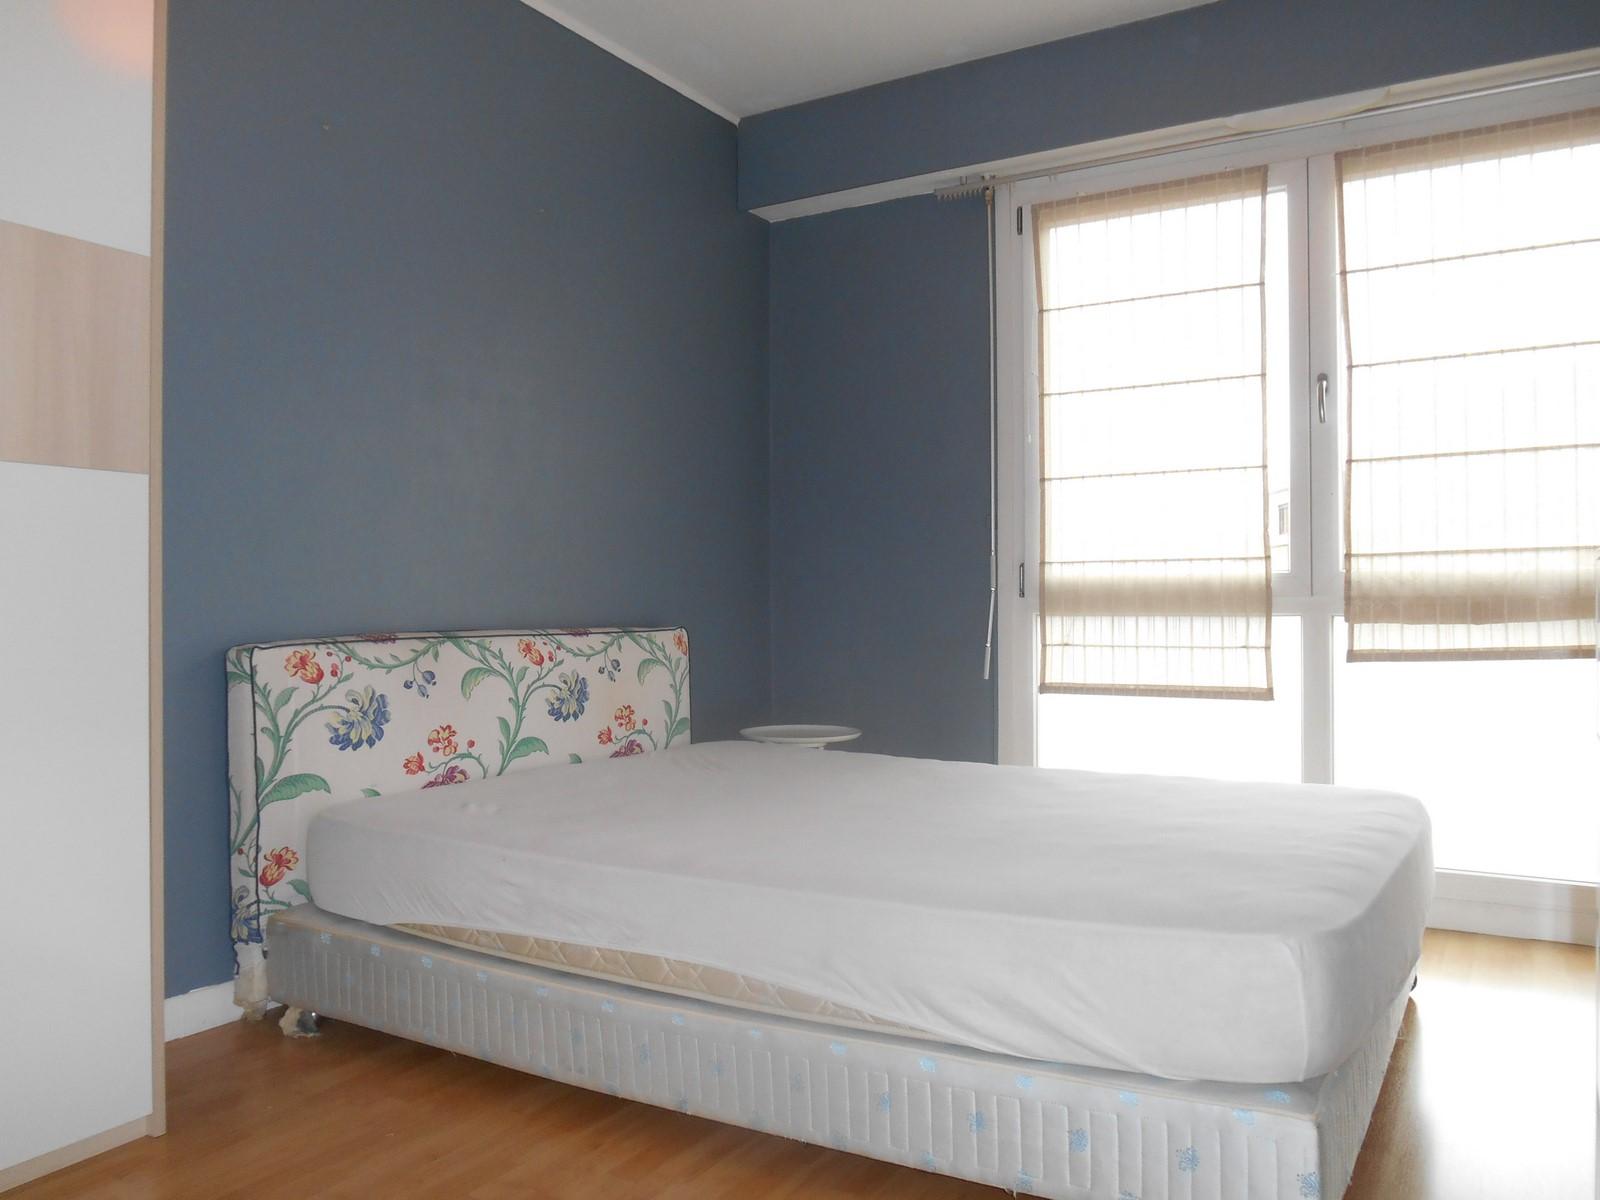 [Cosy] Agréable 2 pièces meublé – Bourse / rue Paul Reiss - nos locations - Beausite Immobilier 5